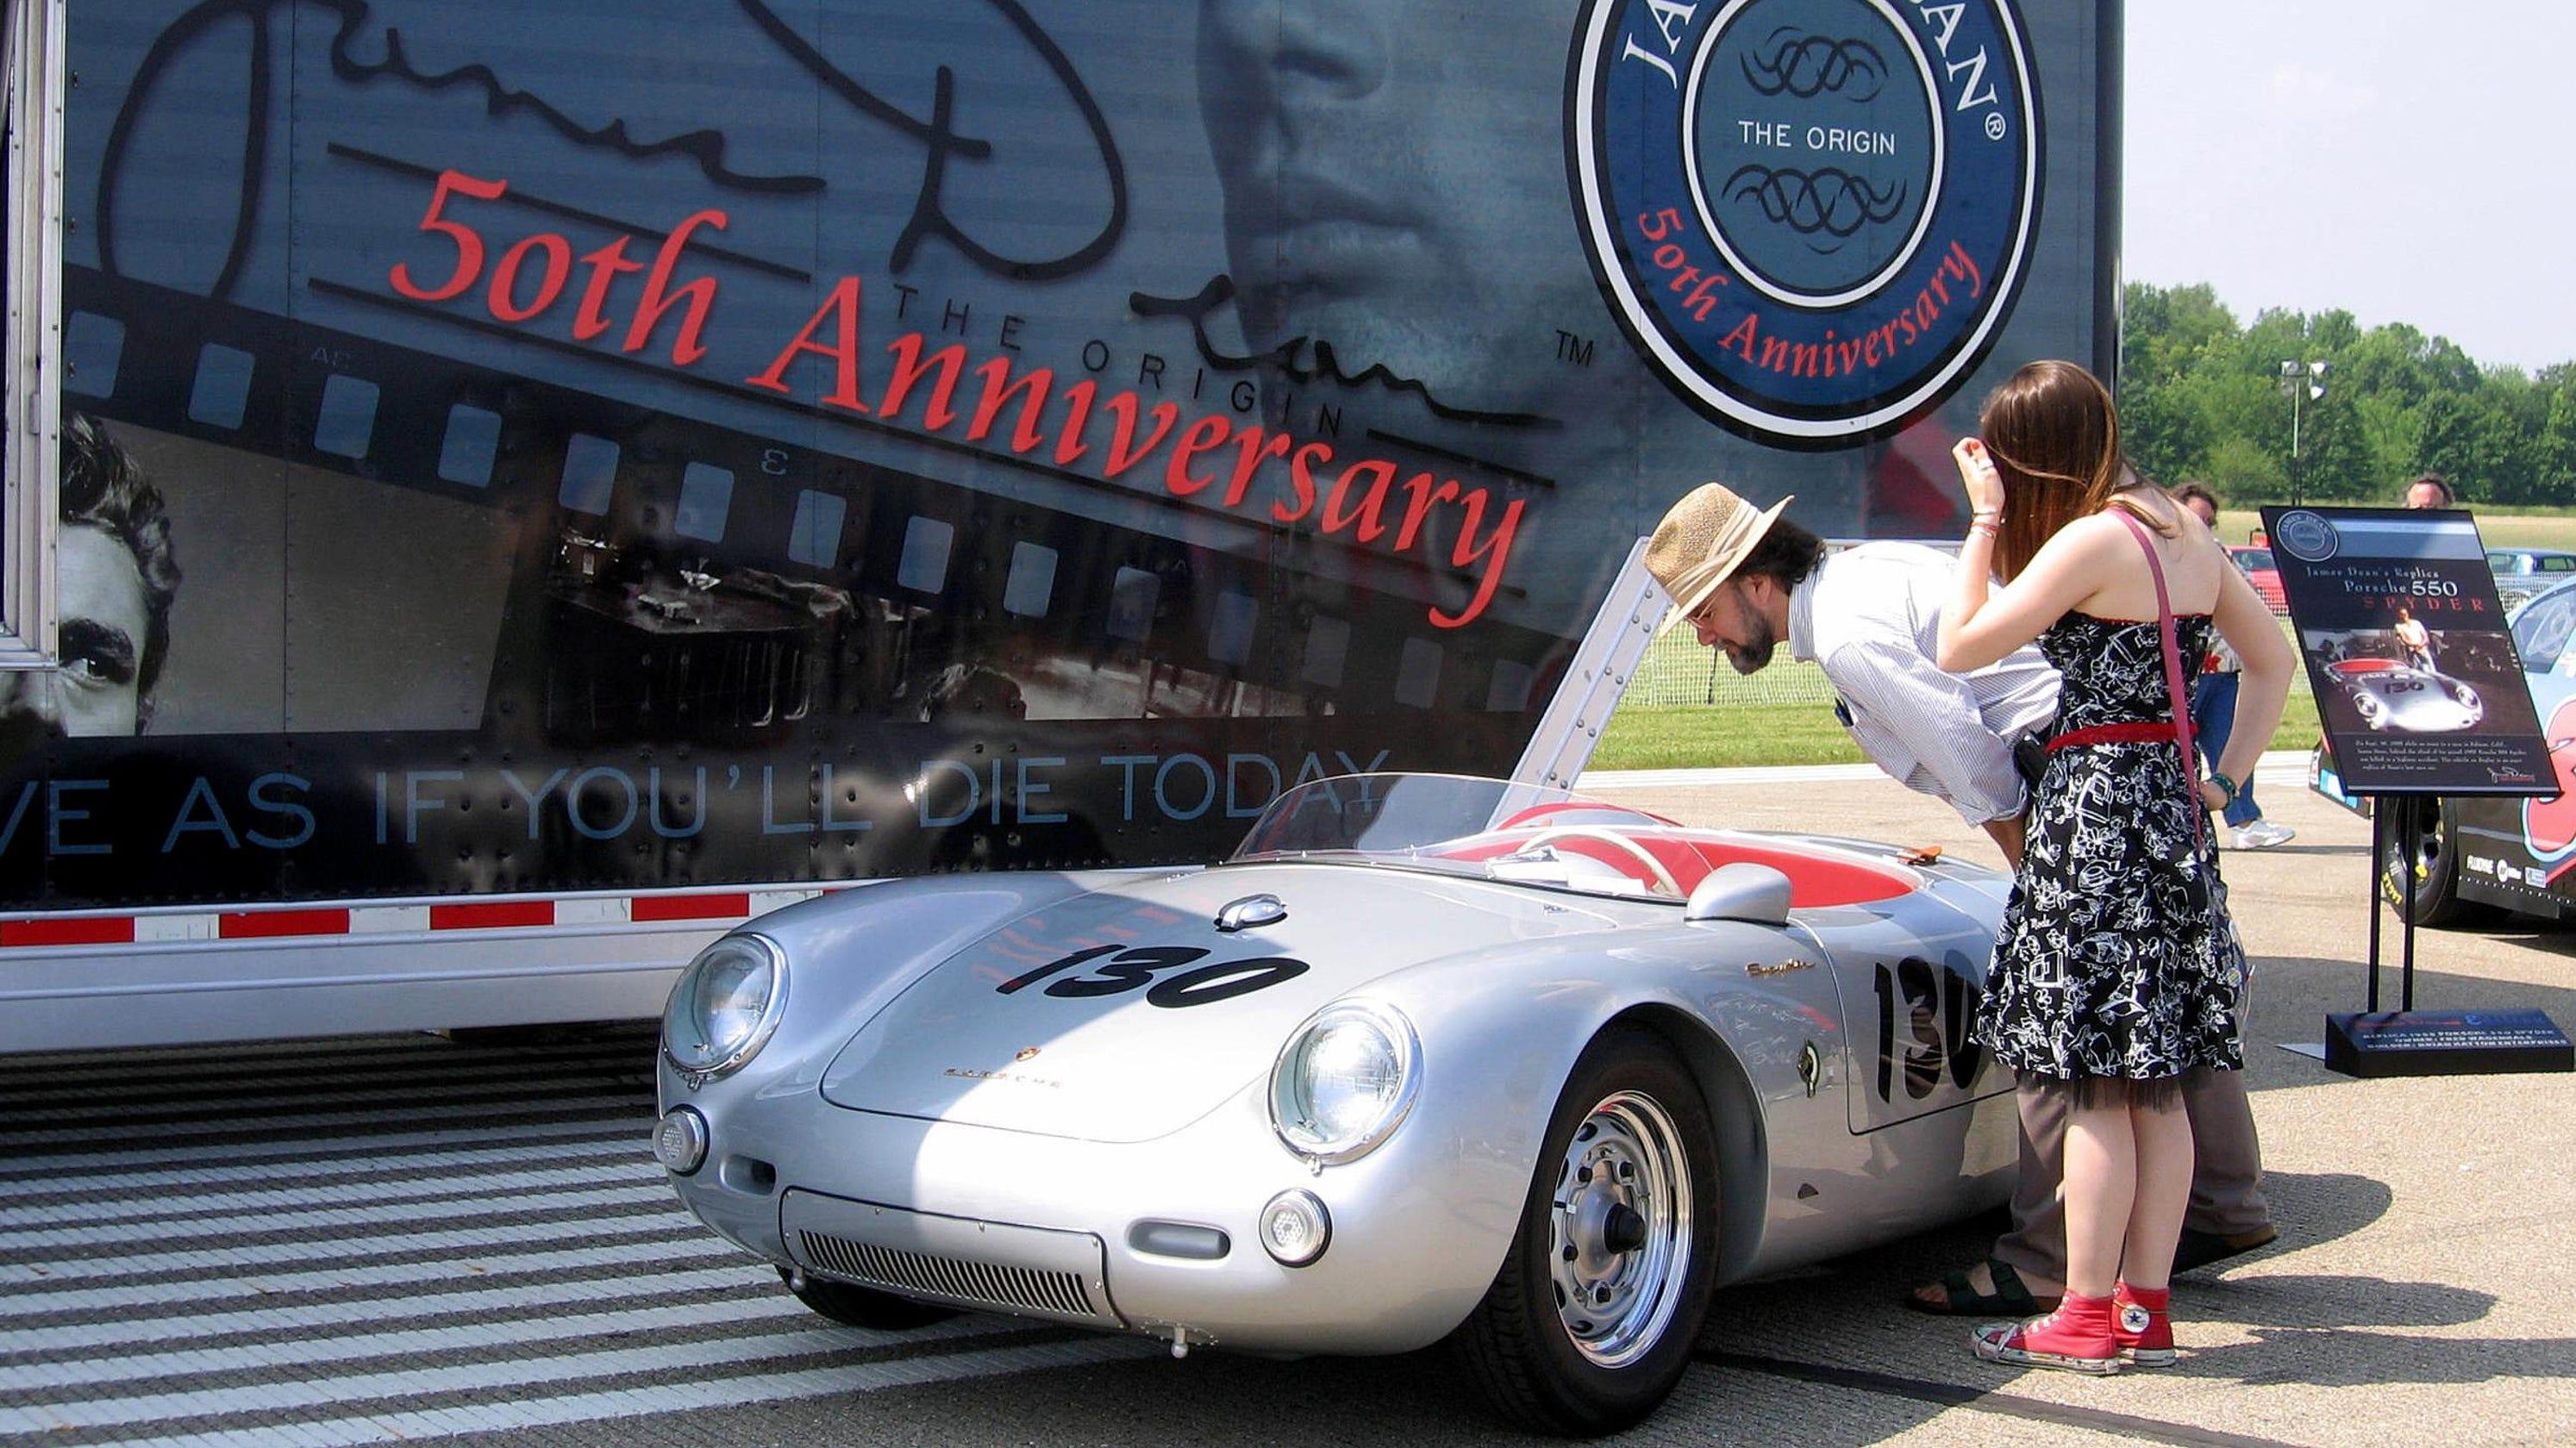 James Dean Porsche >> James Dean S Famous Porsche Missing Six Decades After His Death